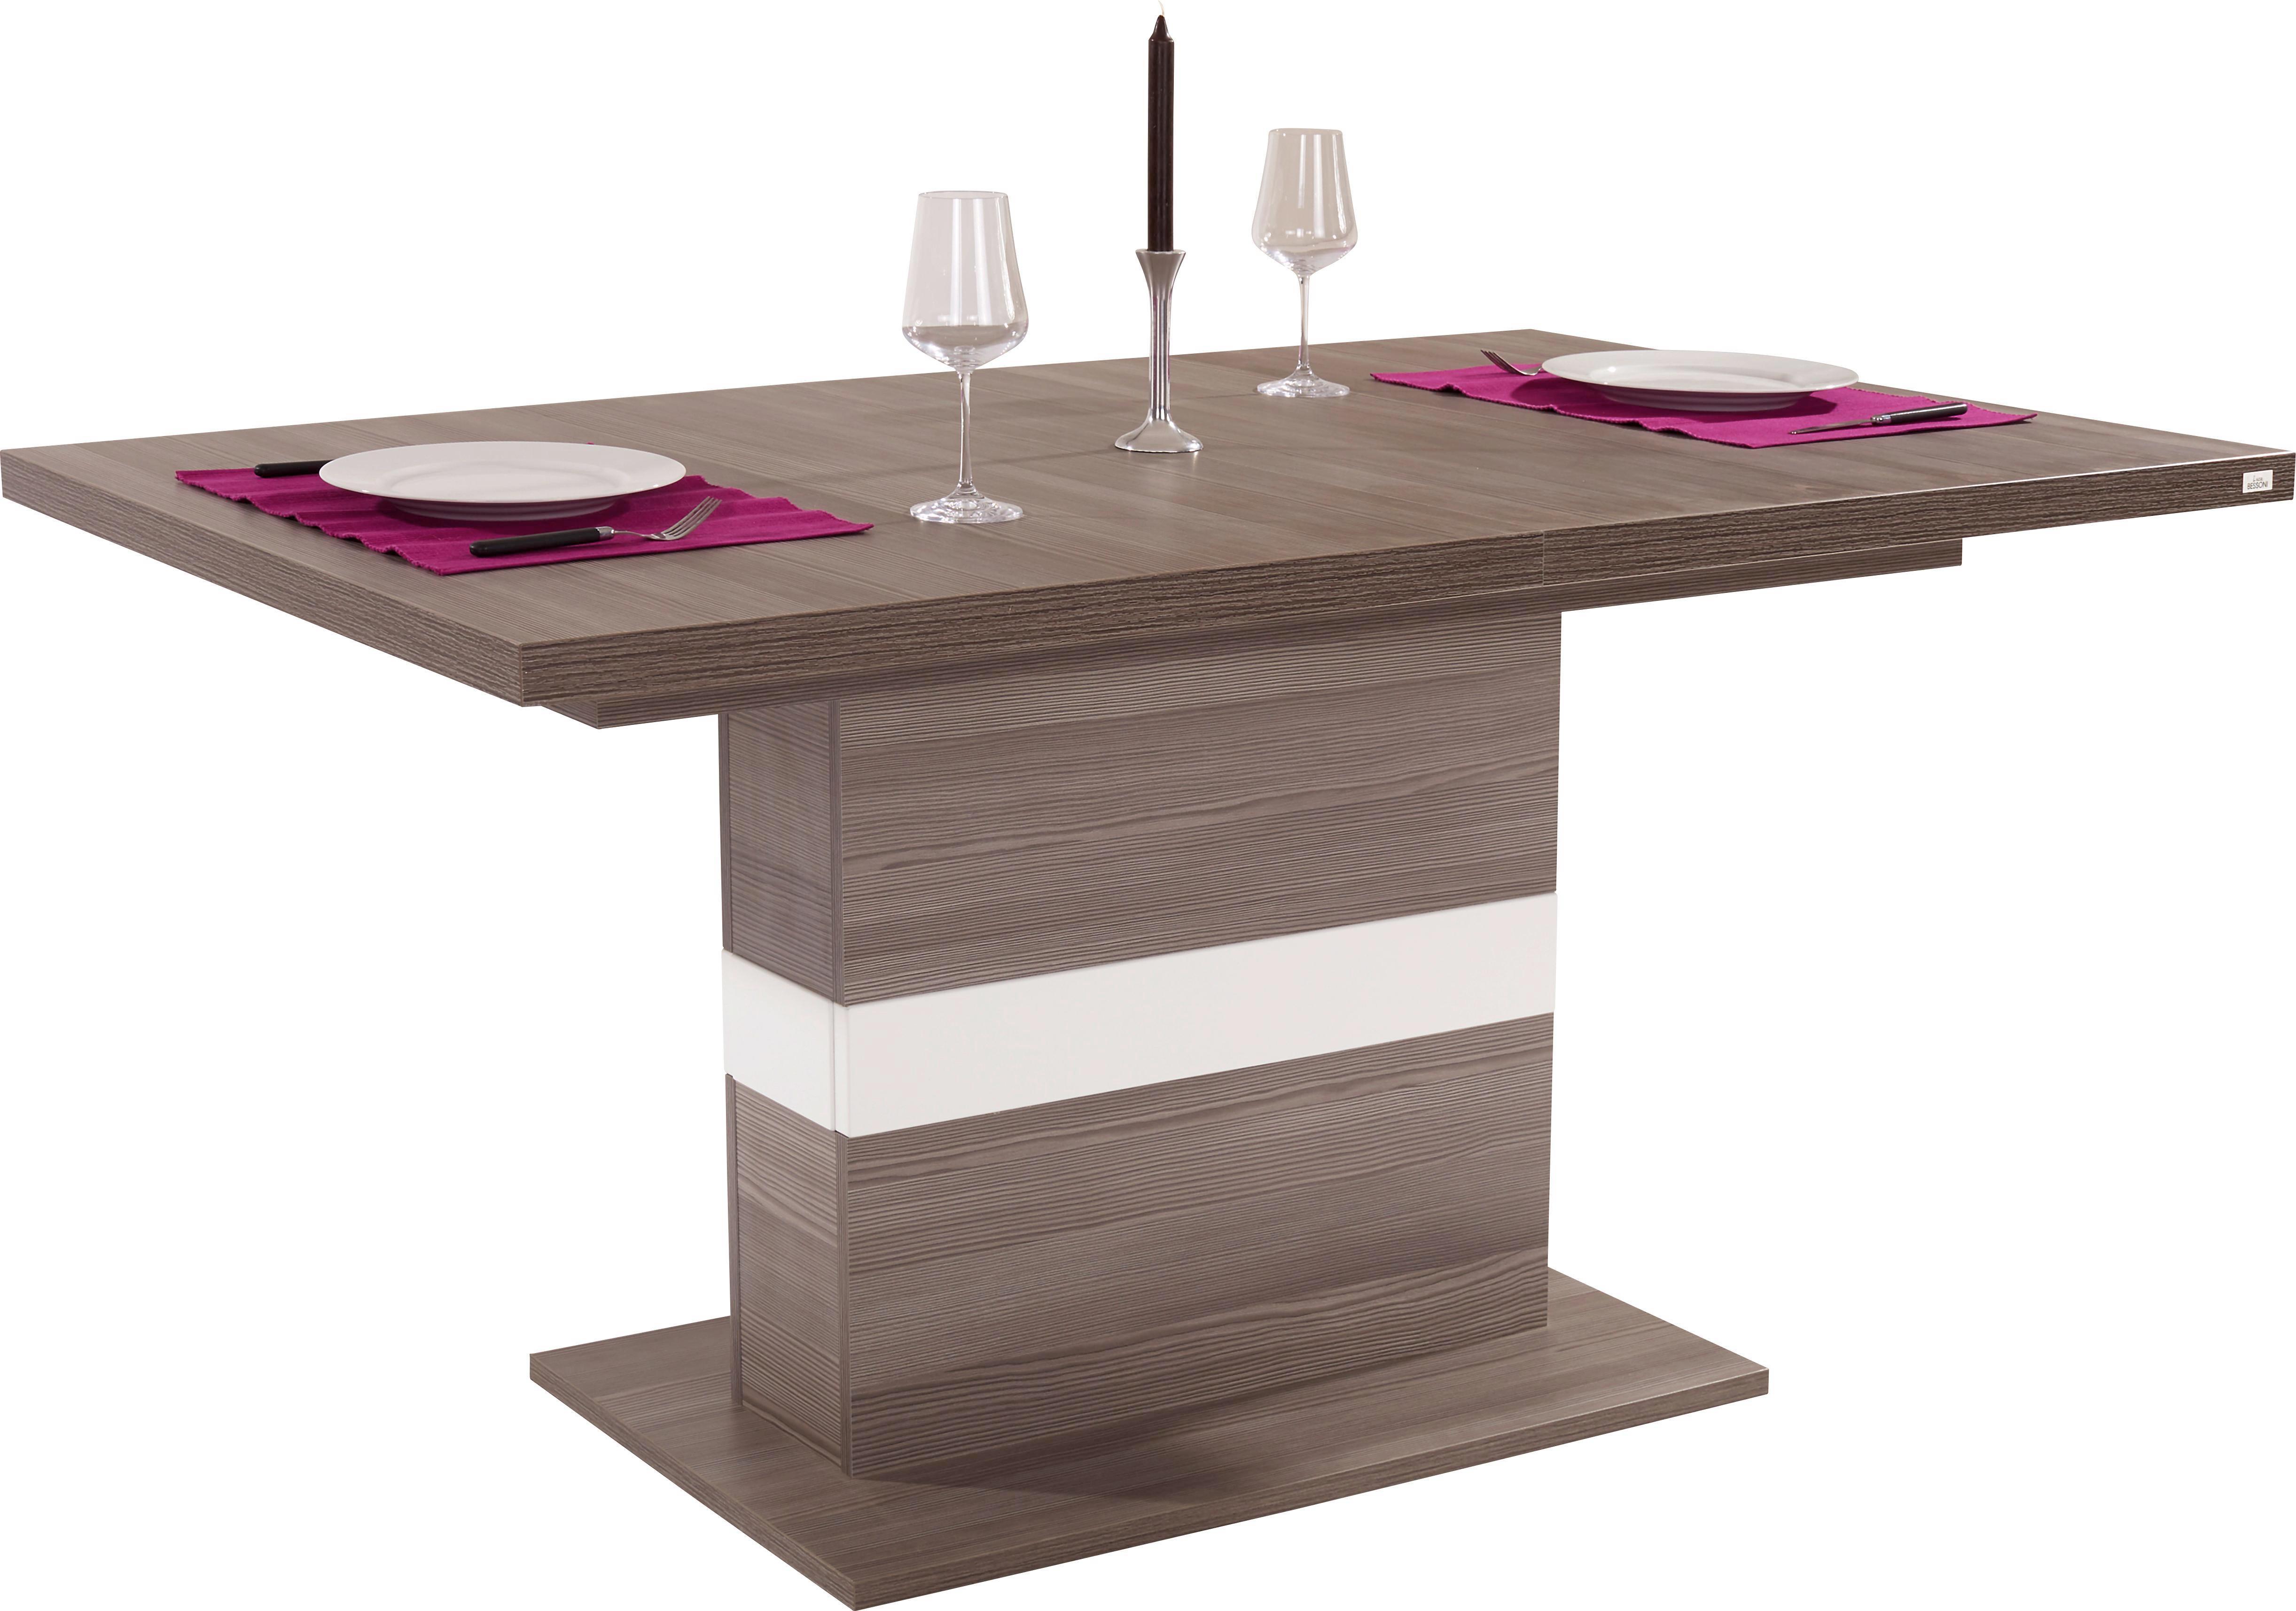 moderne esstische ausziehbar esstisch ausziehbar design. Black Bedroom Furniture Sets. Home Design Ideas